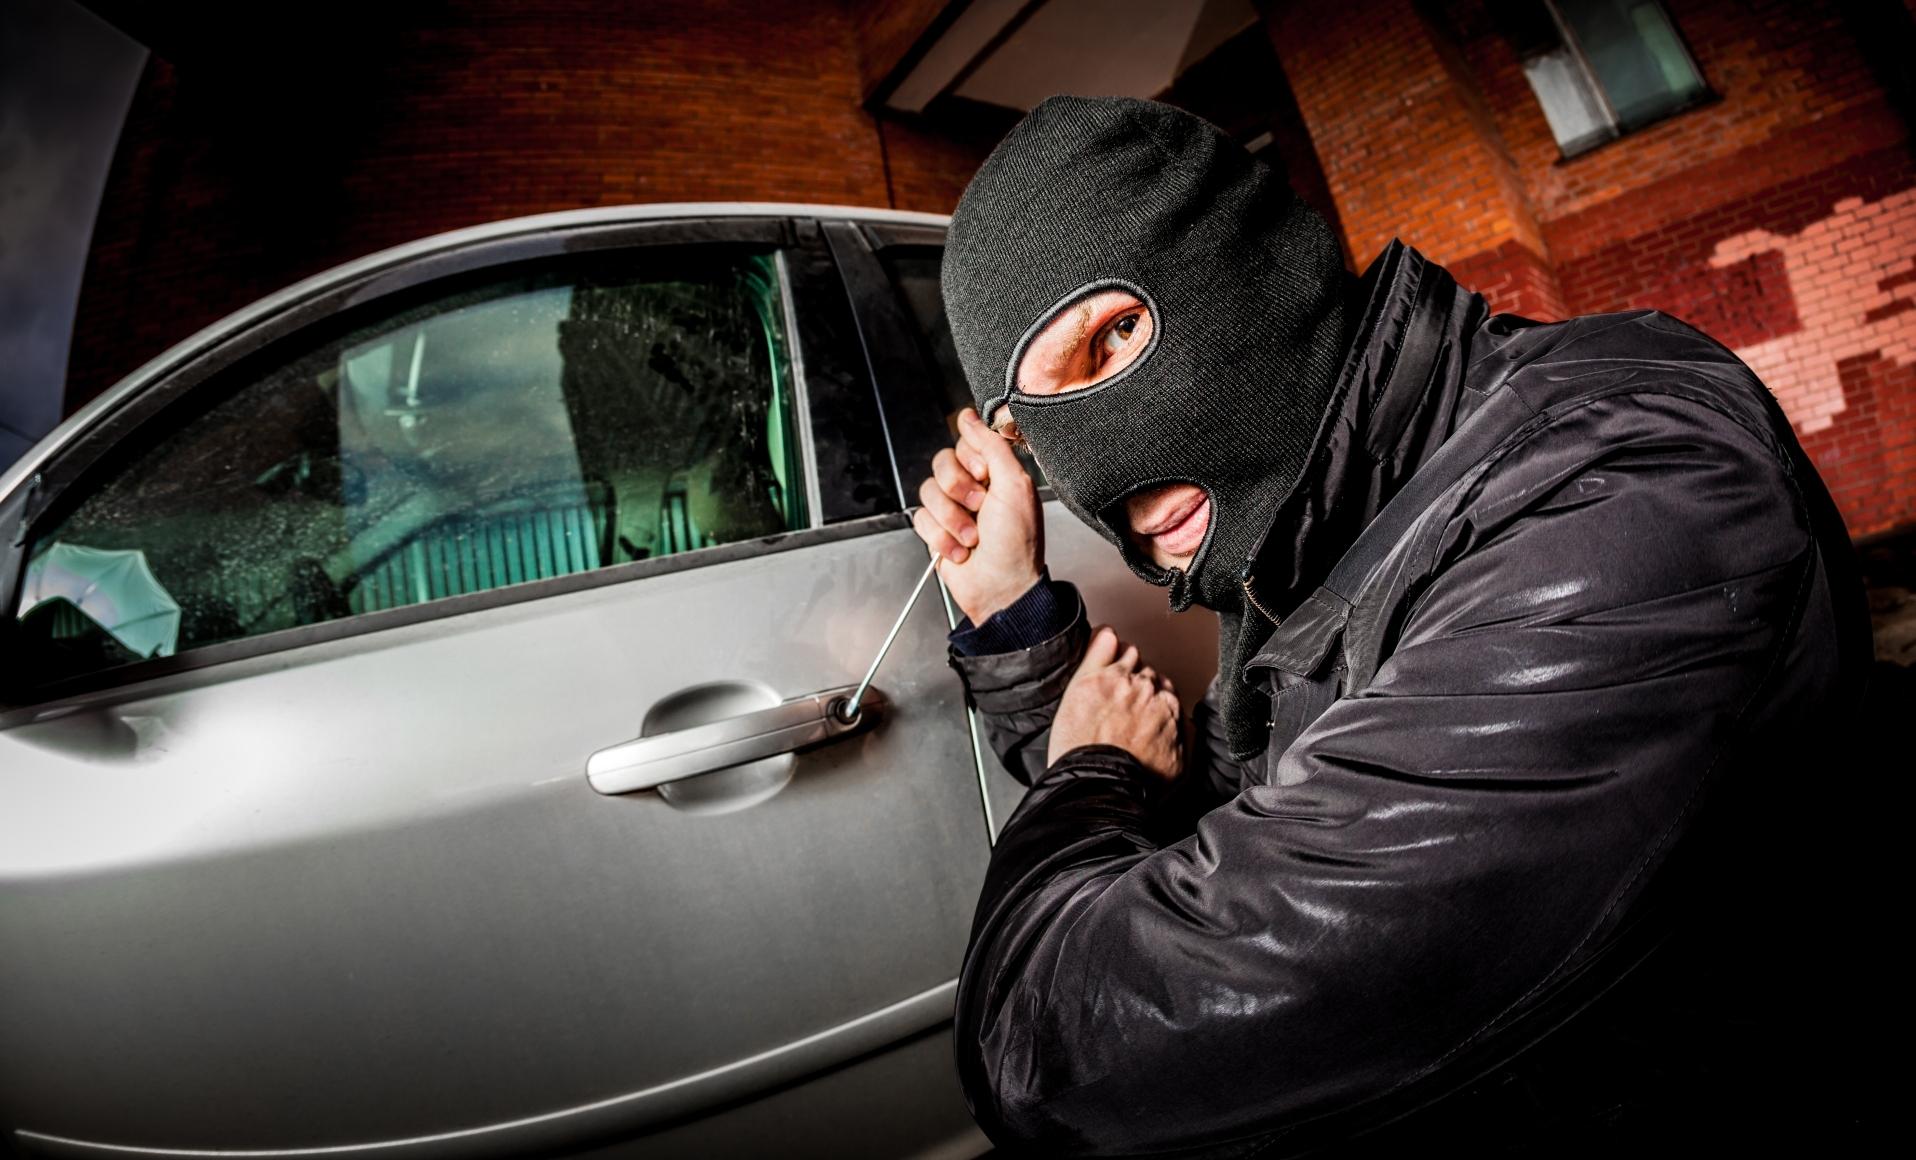 Угон автомобиля: классификация преступления и ответственность